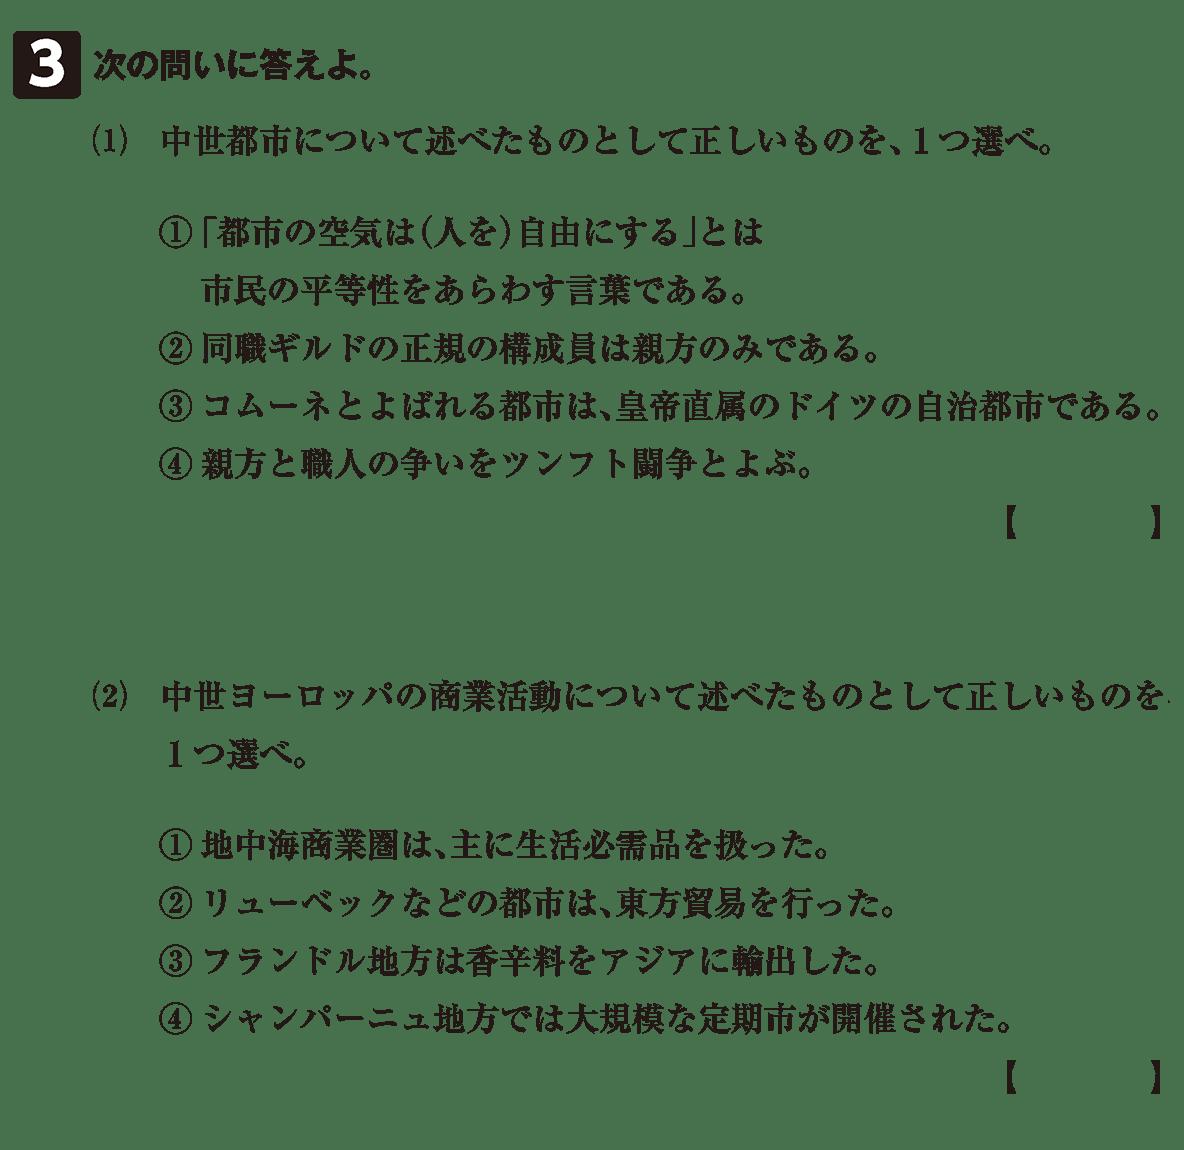 高校世界史 中世ヨーロッパ世界の展開7 確認テスト(後半)問題3